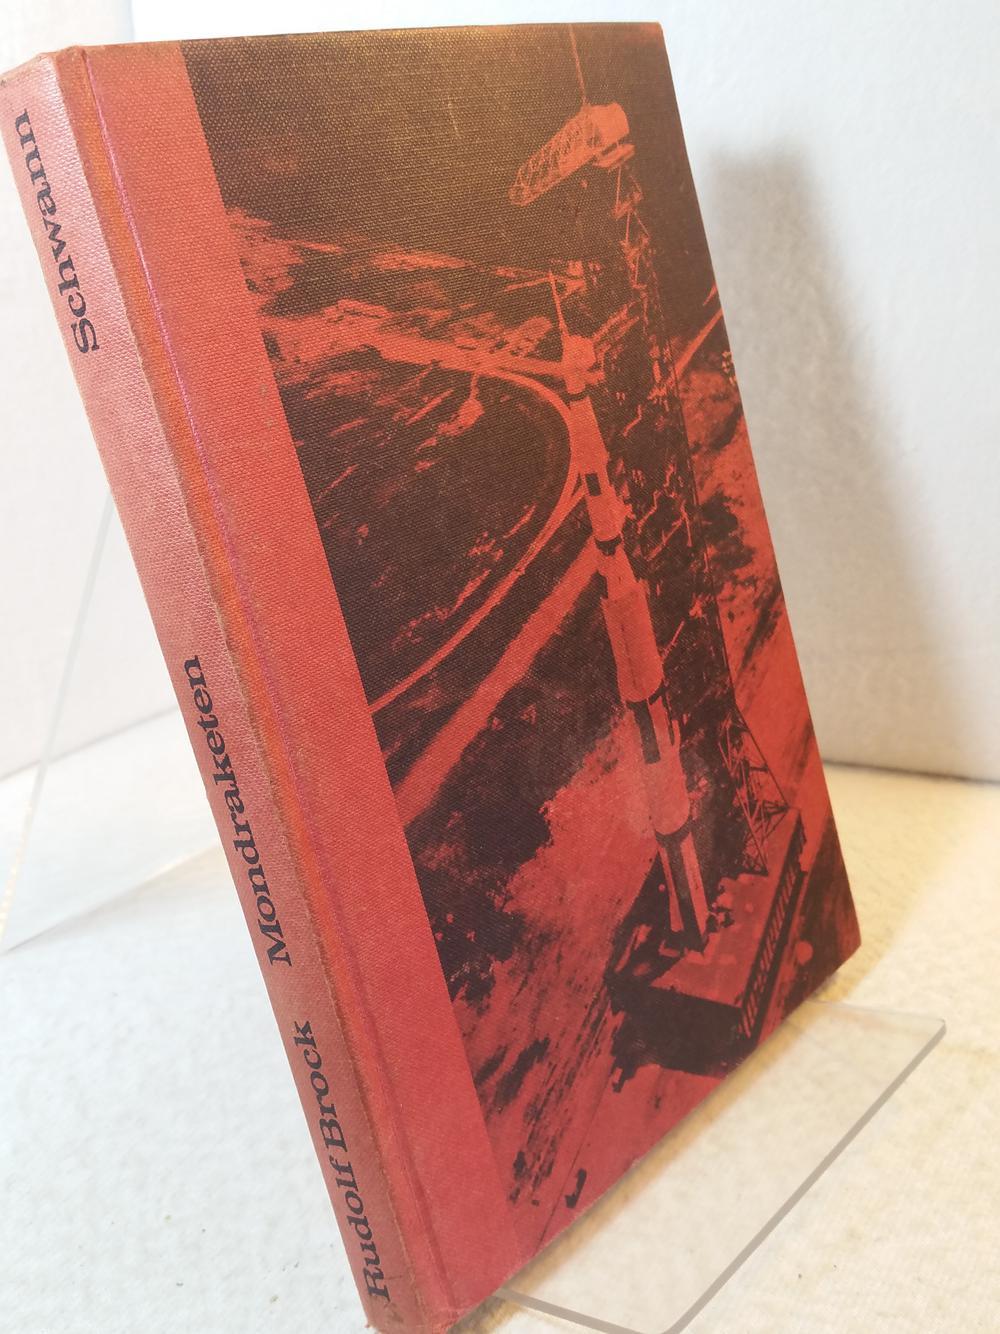 Mondraketen : Amerikanische und sowjetische Konstruktionen für: Brock, Rudolf: